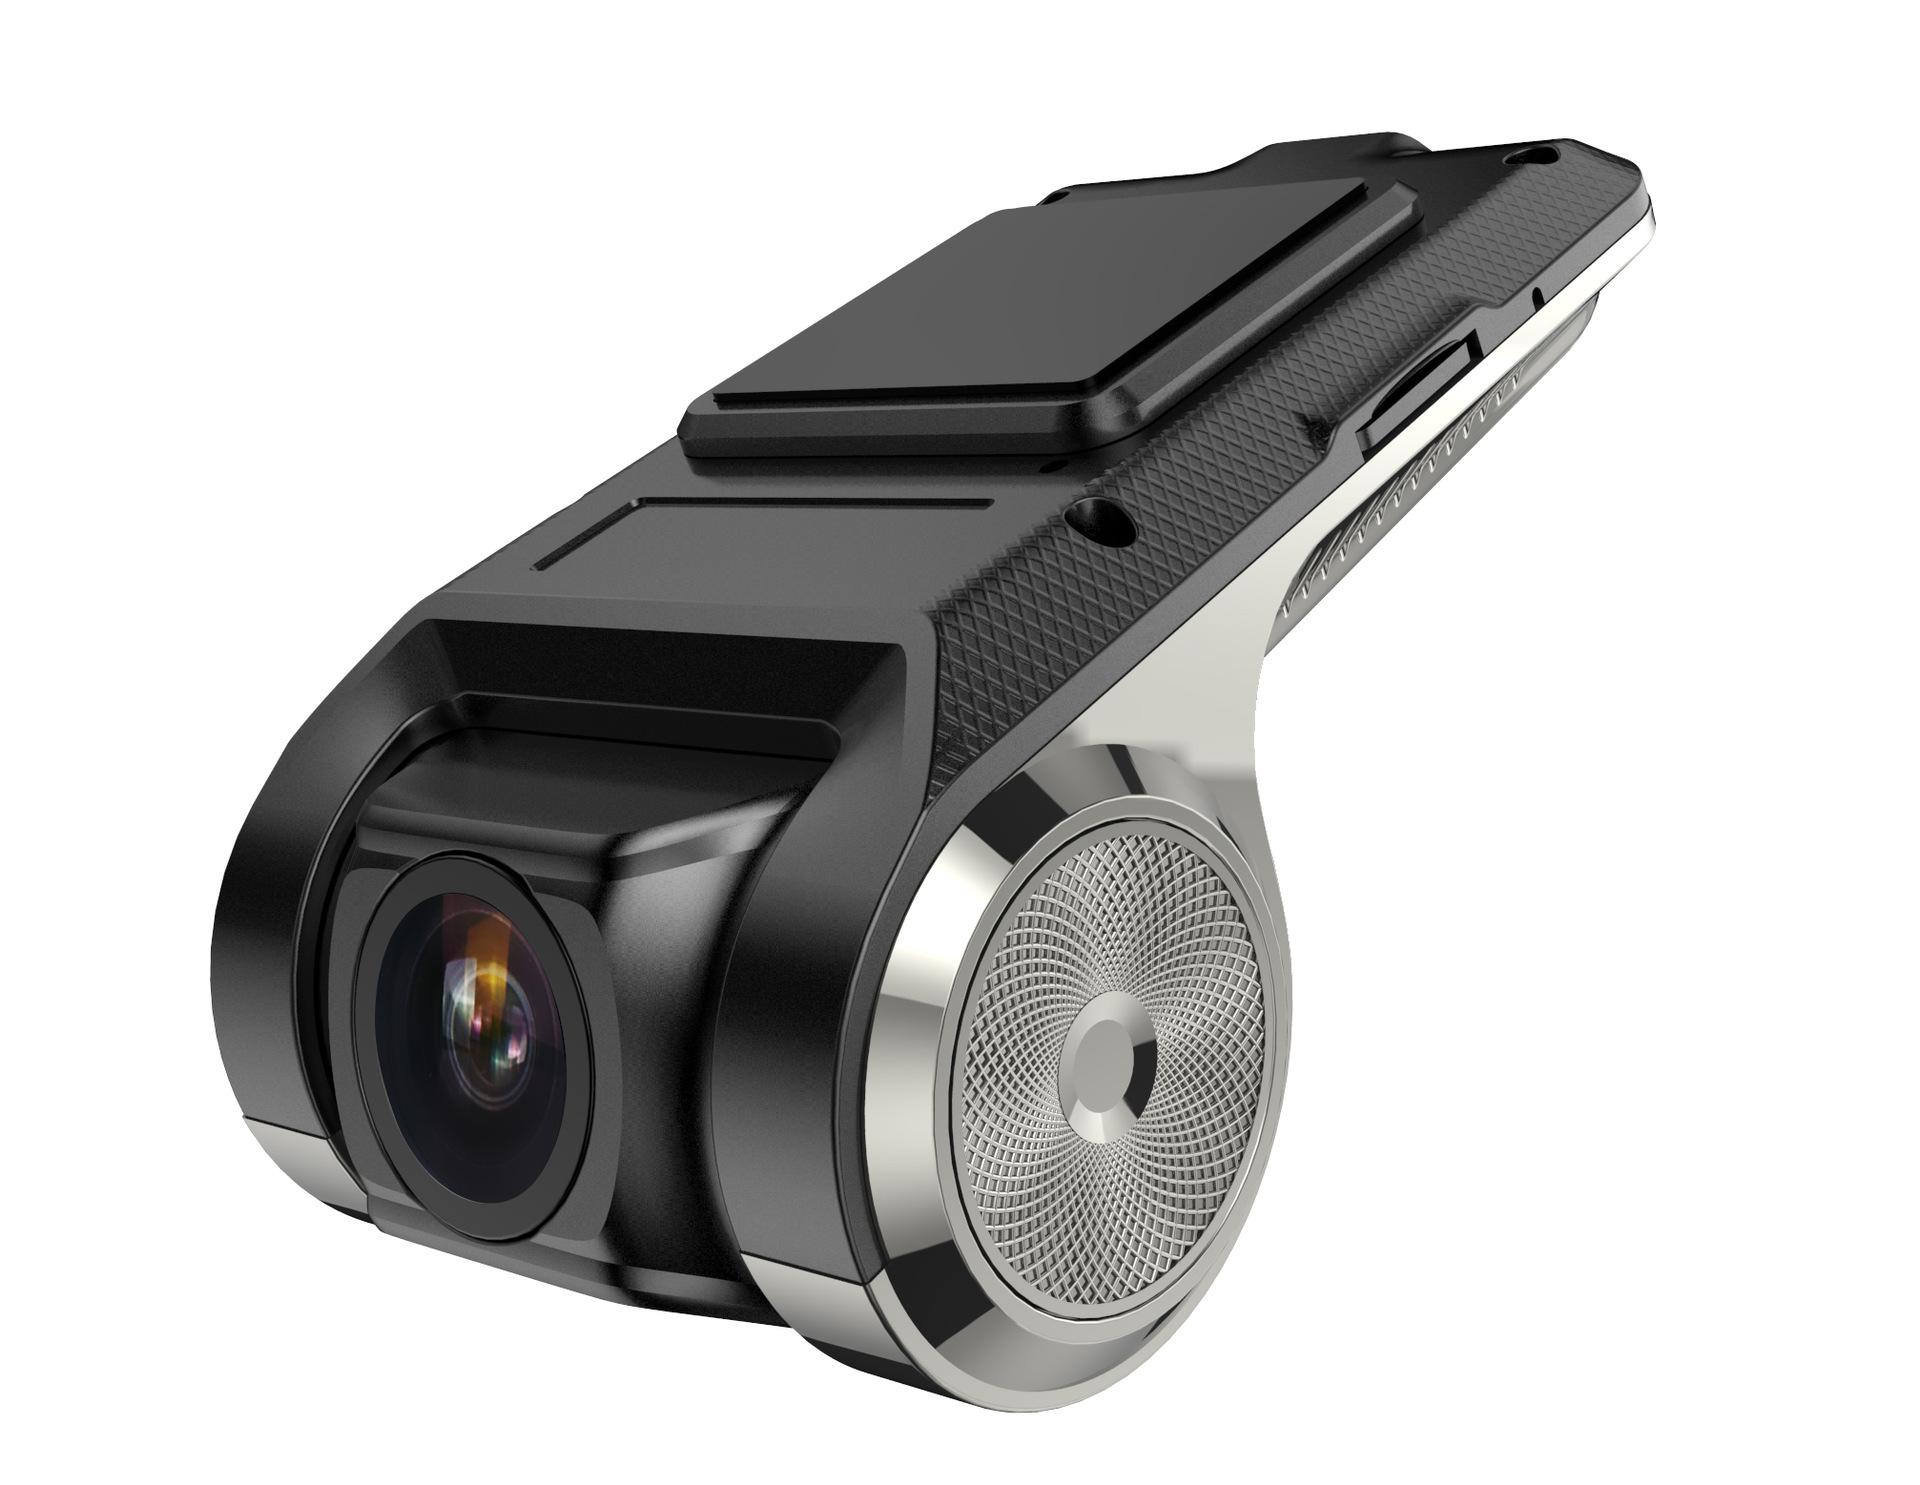 Anytek Chó rôbôt X28 Máy ghi âm ẩn USB điện tử cảnh báo chó adas hệ thống phụ trợ điện thoại di động